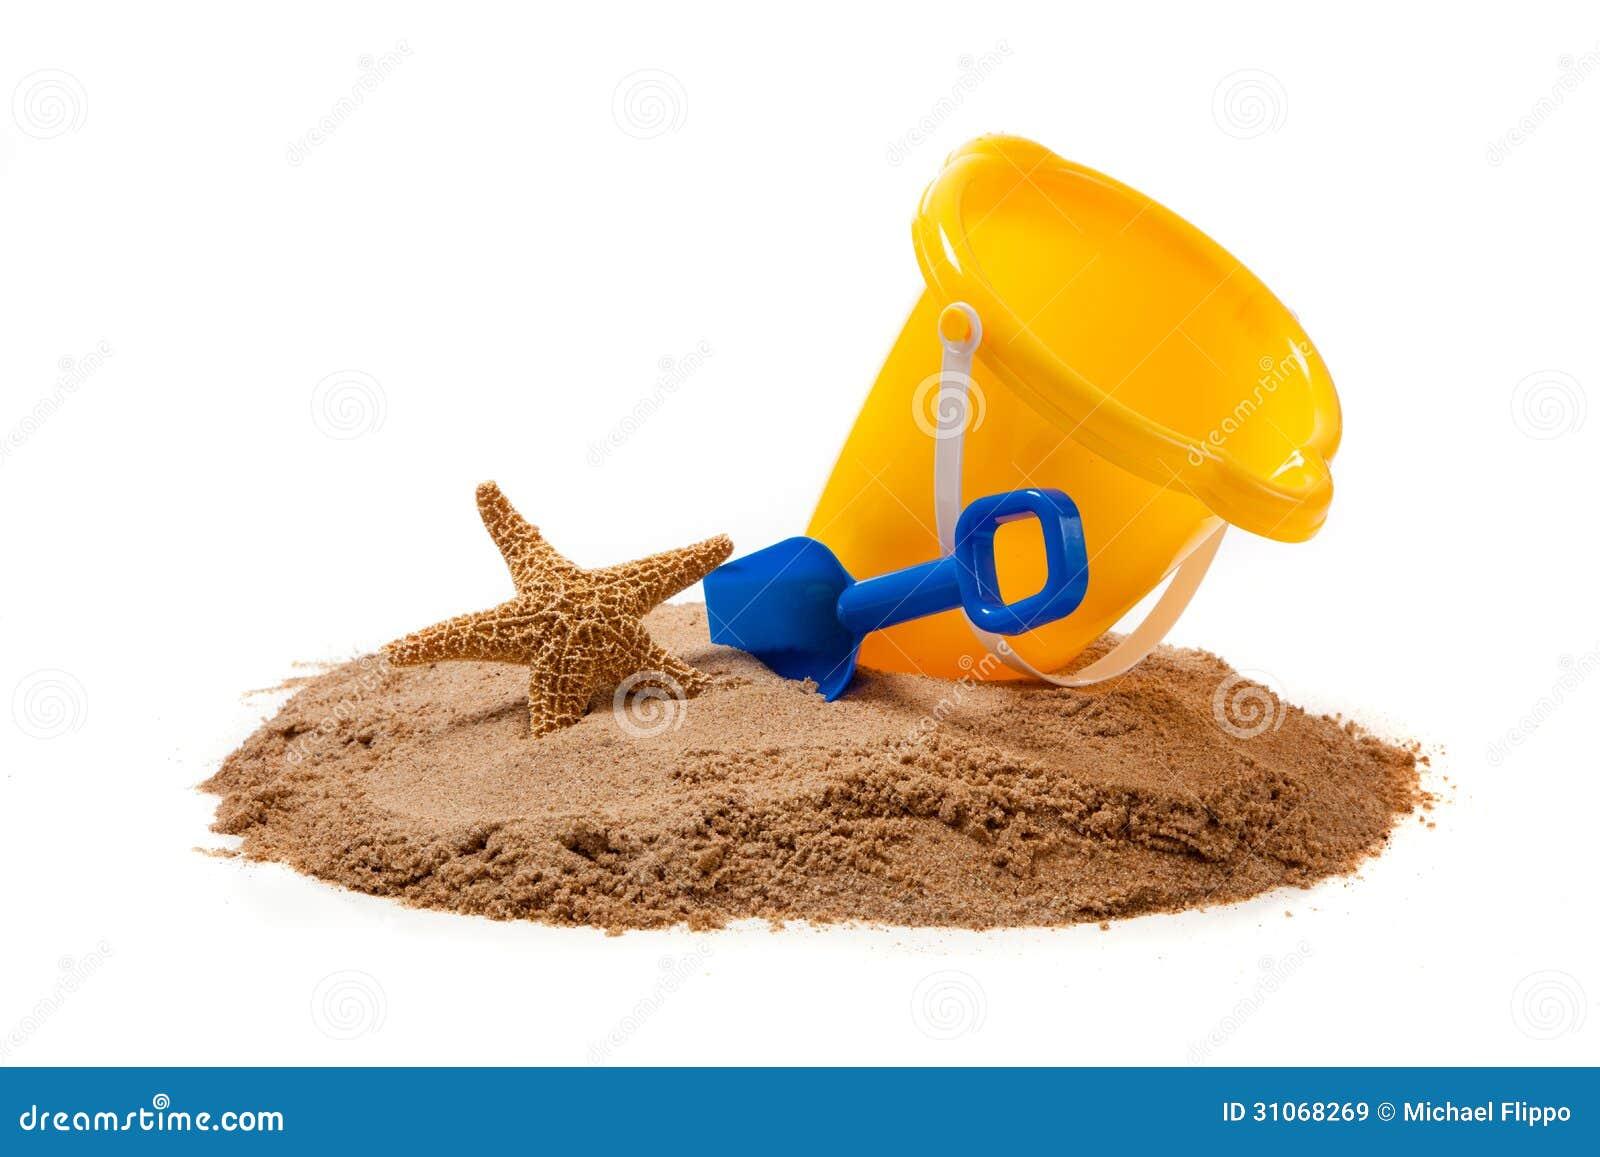 un seau jaune et une pelle bleue sur la plage avec une. Black Bedroom Furniture Sets. Home Design Ideas